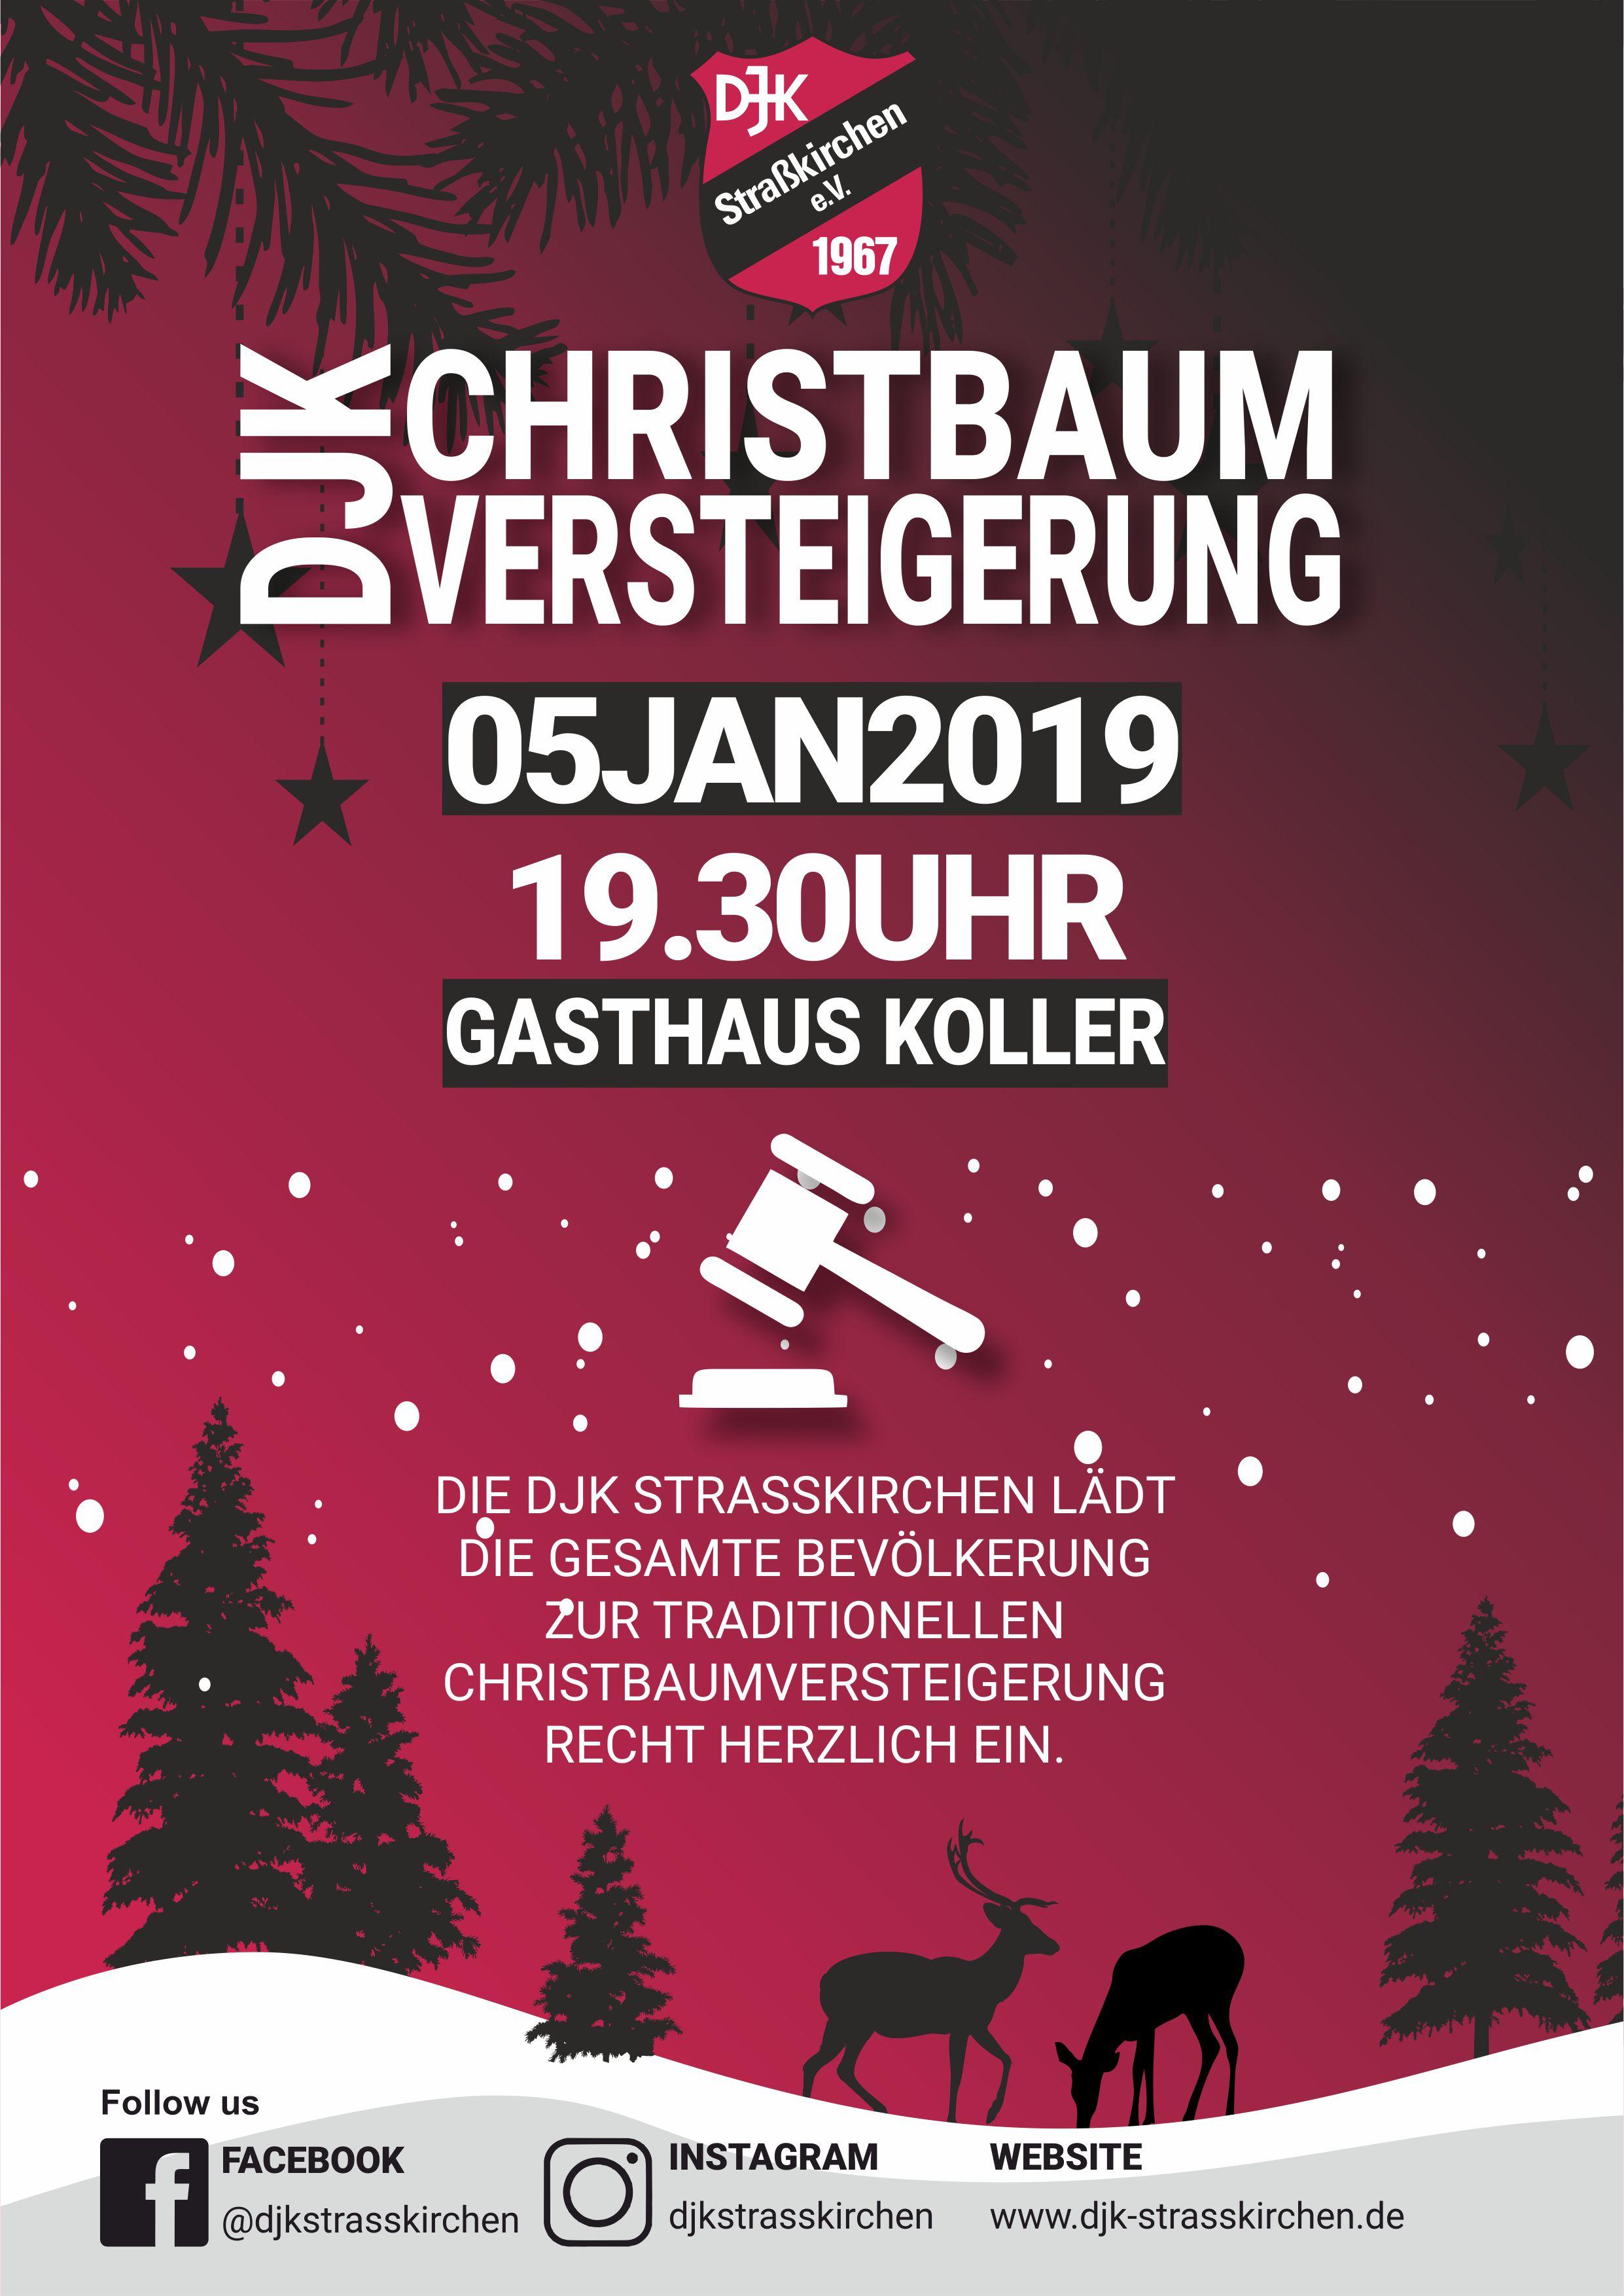 DJK Christbaumversteigerung 2019